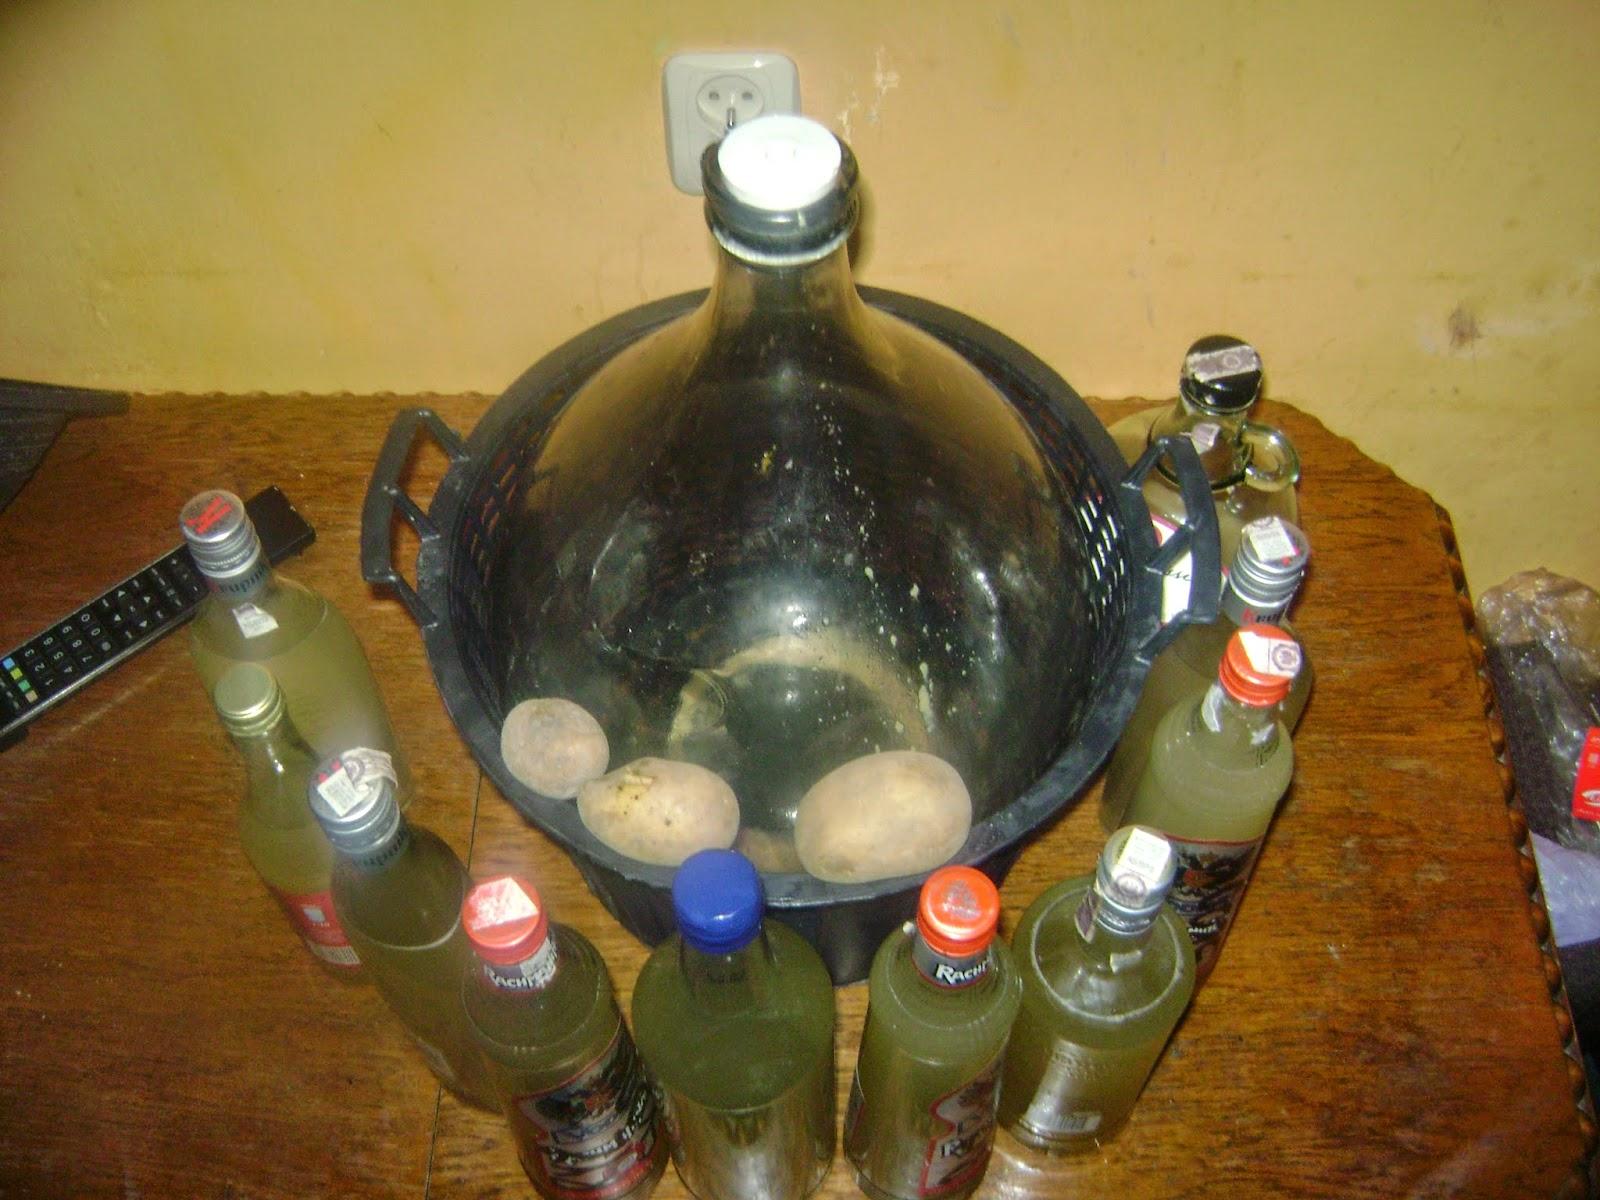 zlewanie wina z ziemniakow